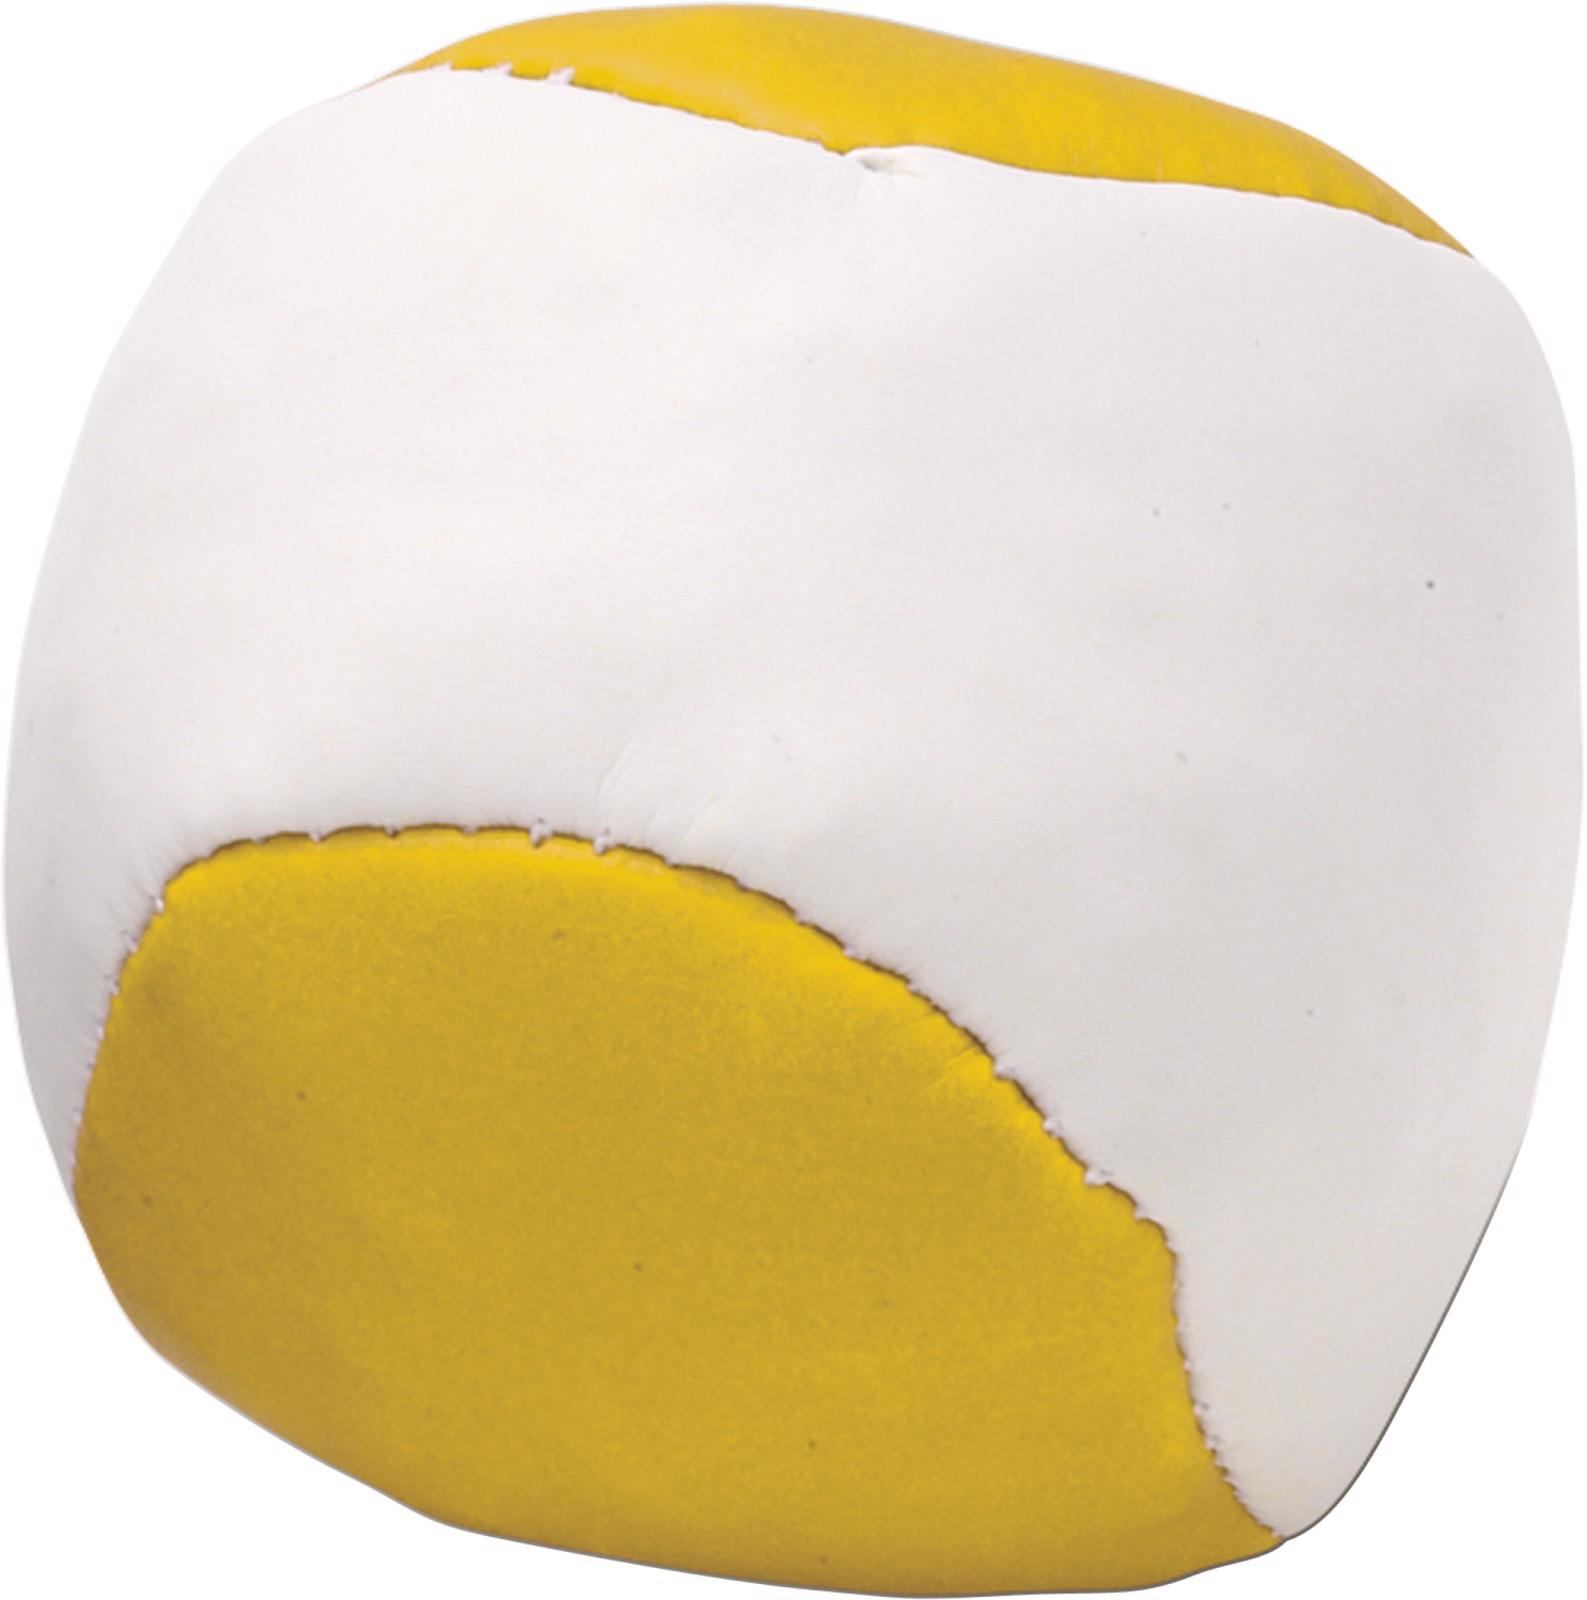 Imitation leather juggling ball - Yellow